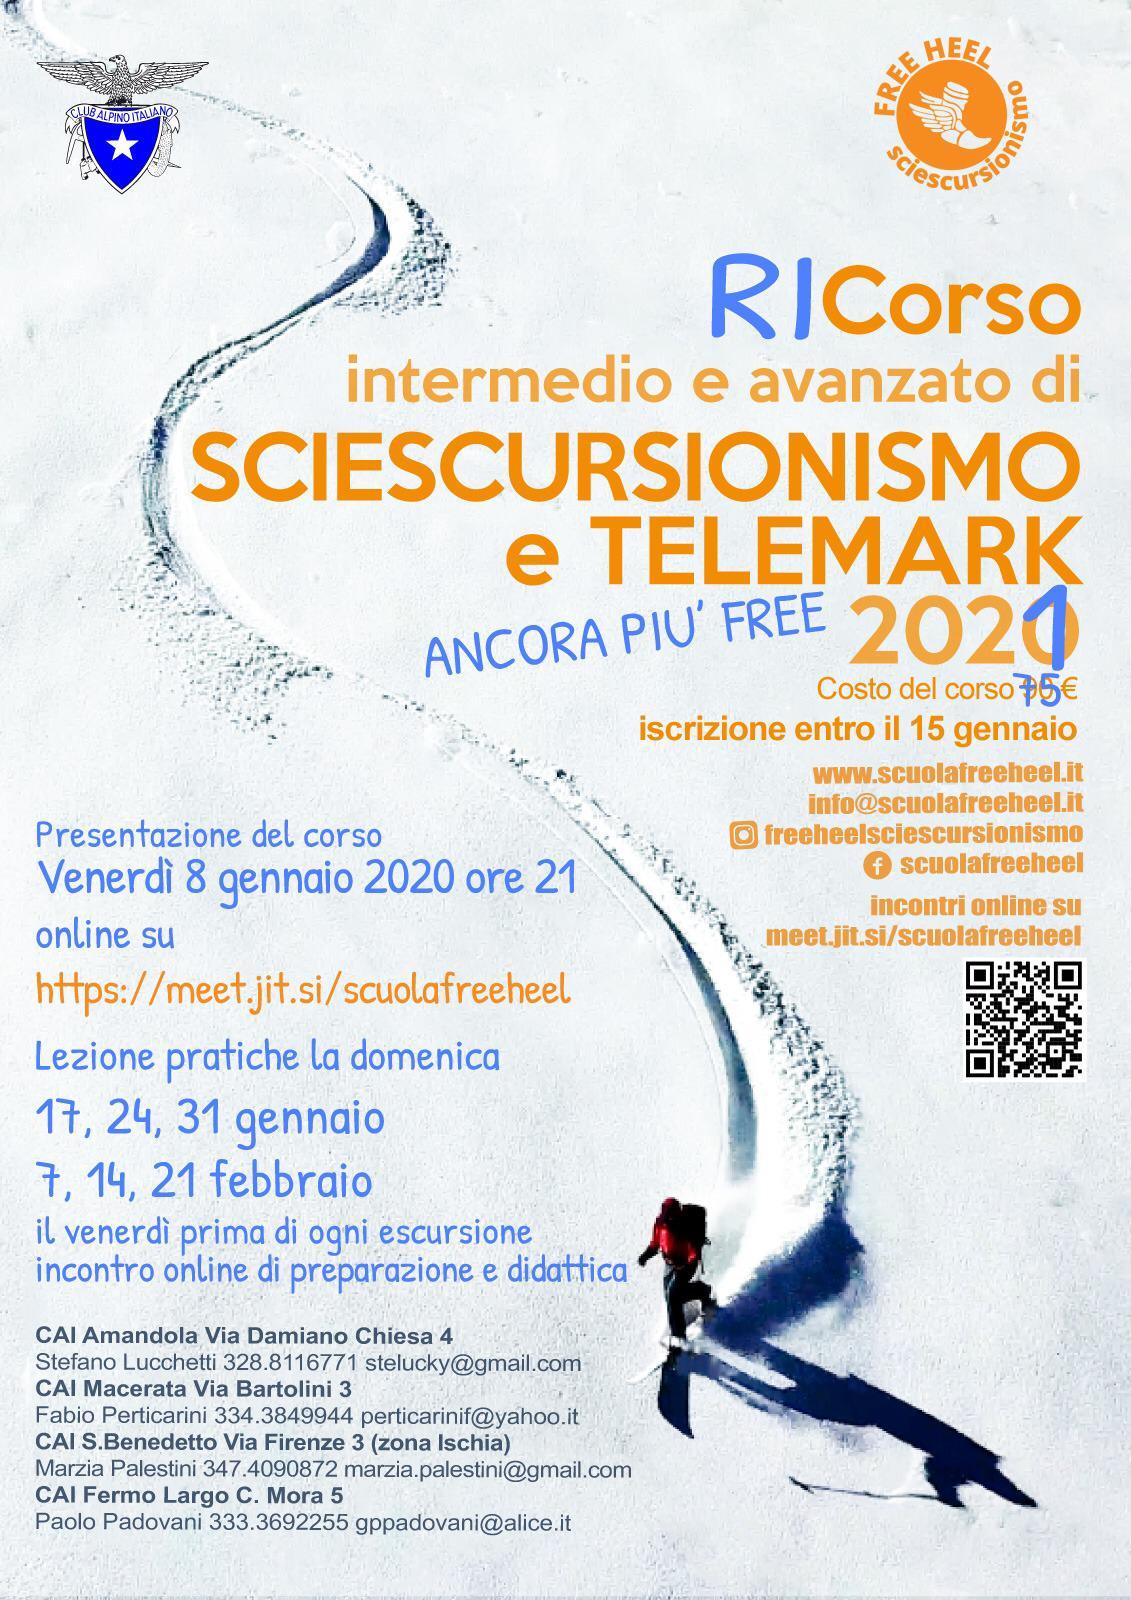 Corso Sciescursionismo e Telemark